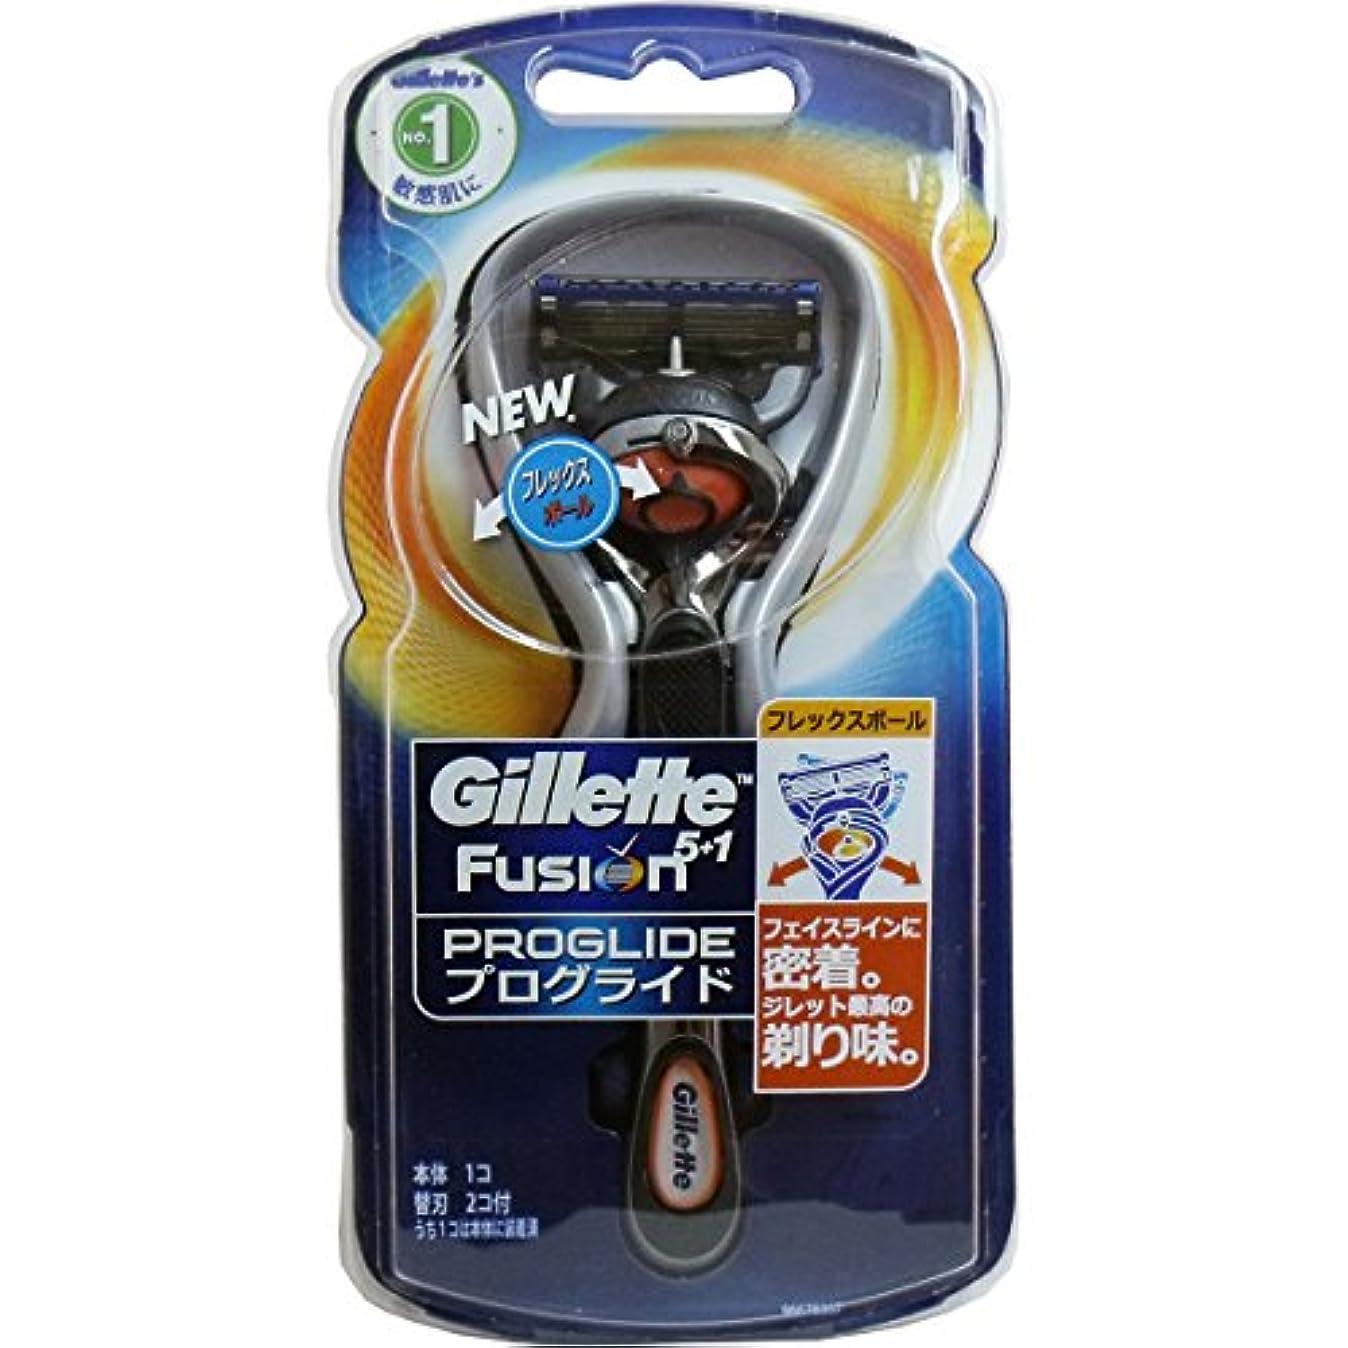 自分自身飛躍シングル【P&G】ジレット プログライド フレックスボール マニュアル ホルダー 替刃2個付 ×10個セット